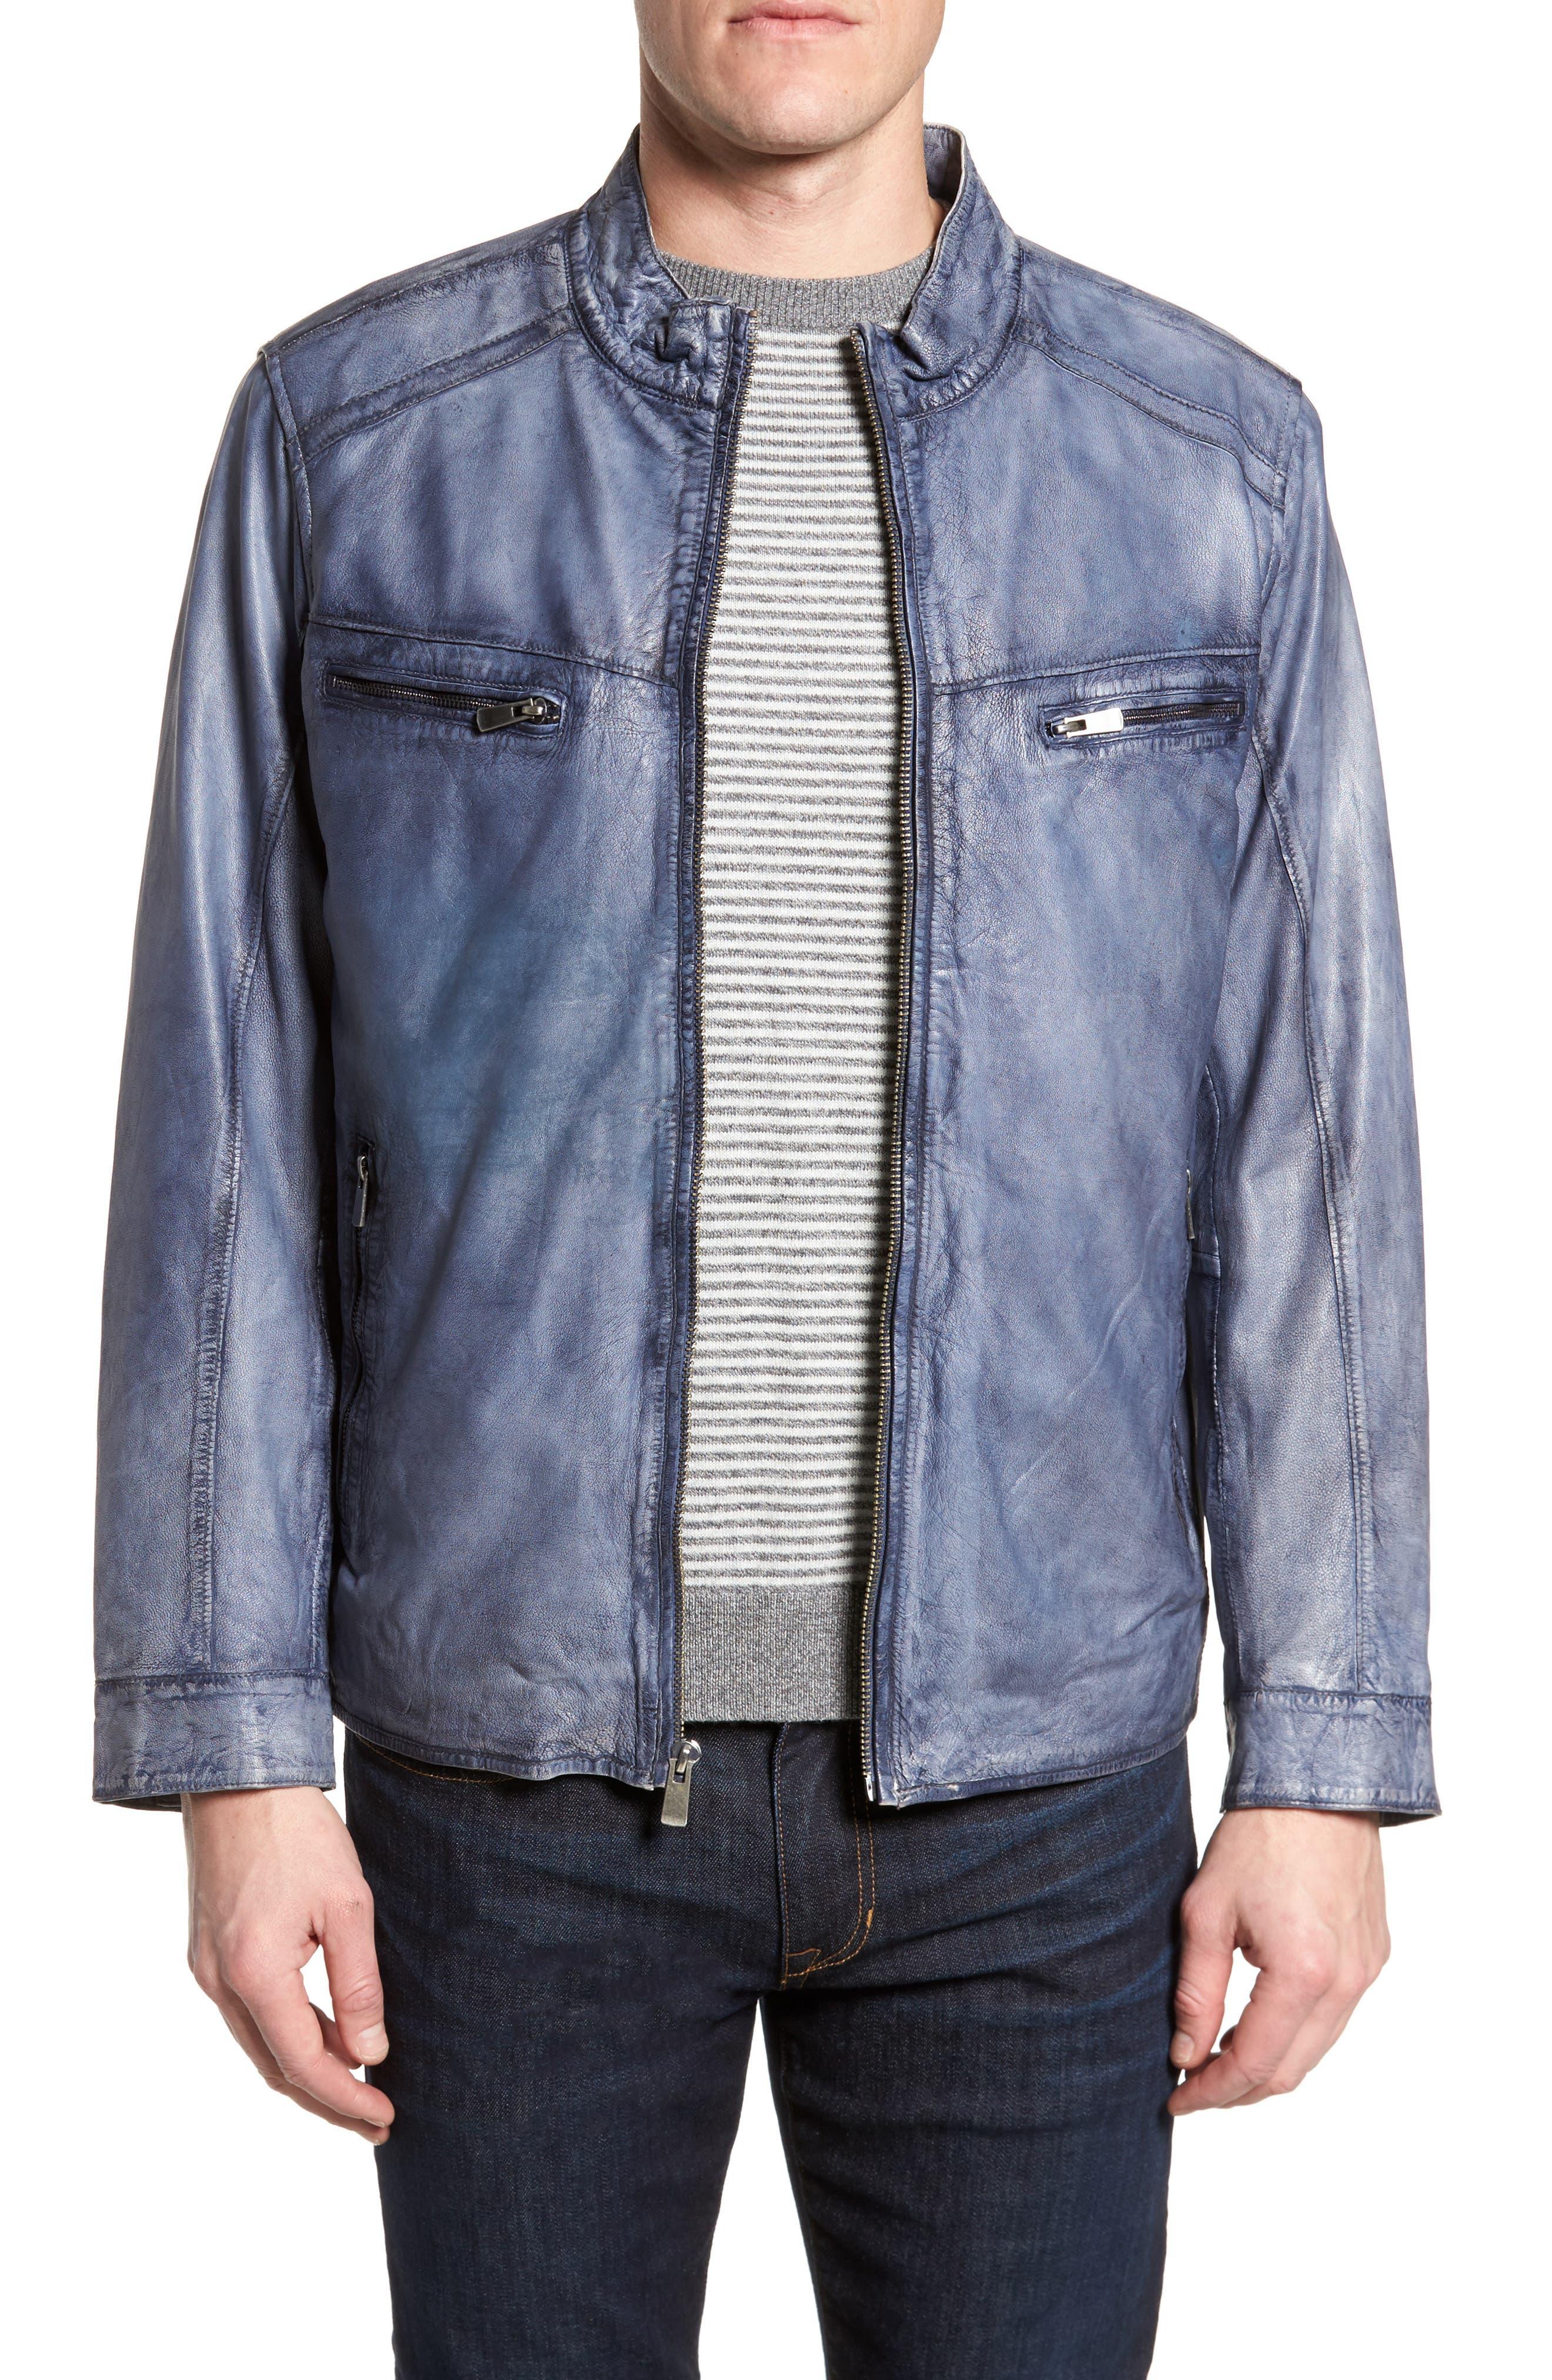 Missani Le Collezioni Abraded Washed Leather Jacket